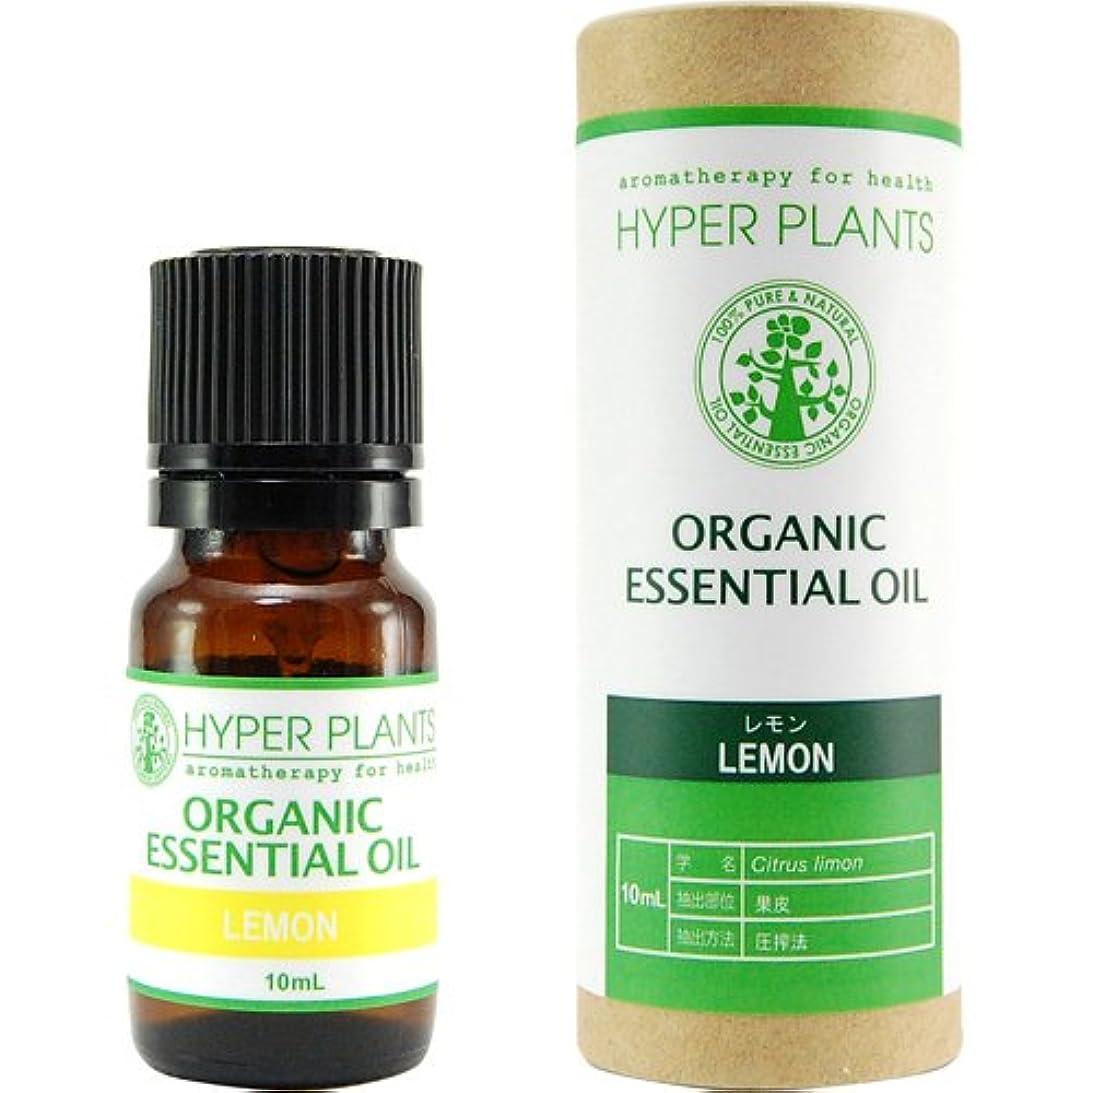 国旗むちゃくちゃはっきりしないHYPER PLANTS ハイパープランツ オーガニックエッセンシャルオイル レモン 10ml HE0218